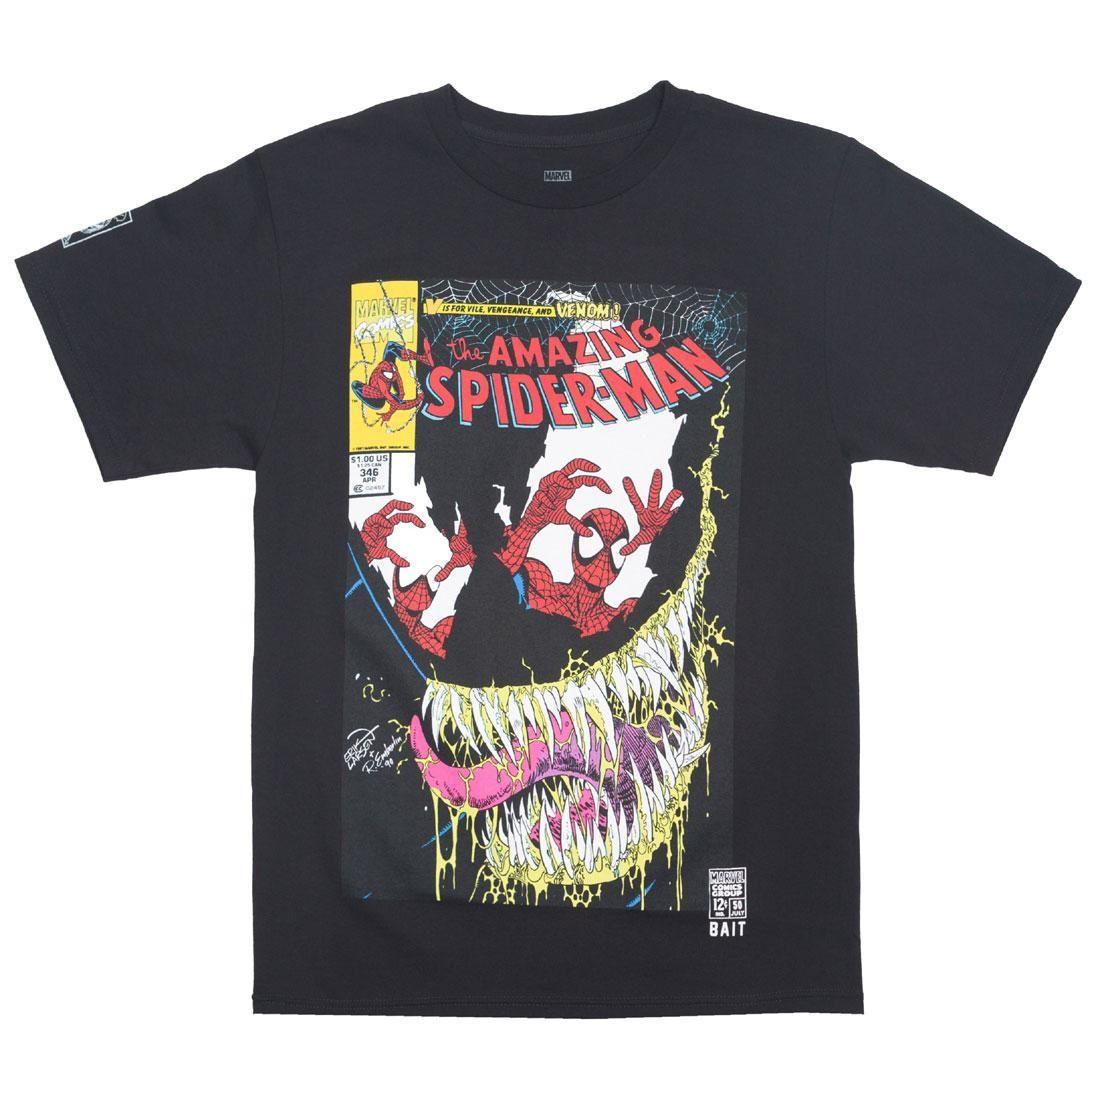 ベイト BAIT Tシャツ 黒 ブラック #346 【 BLACK BAIT X MARVEL MEN AMAZING SPIDERMAN TEE 】 メンズファッション トップス Tシャツ カットソー